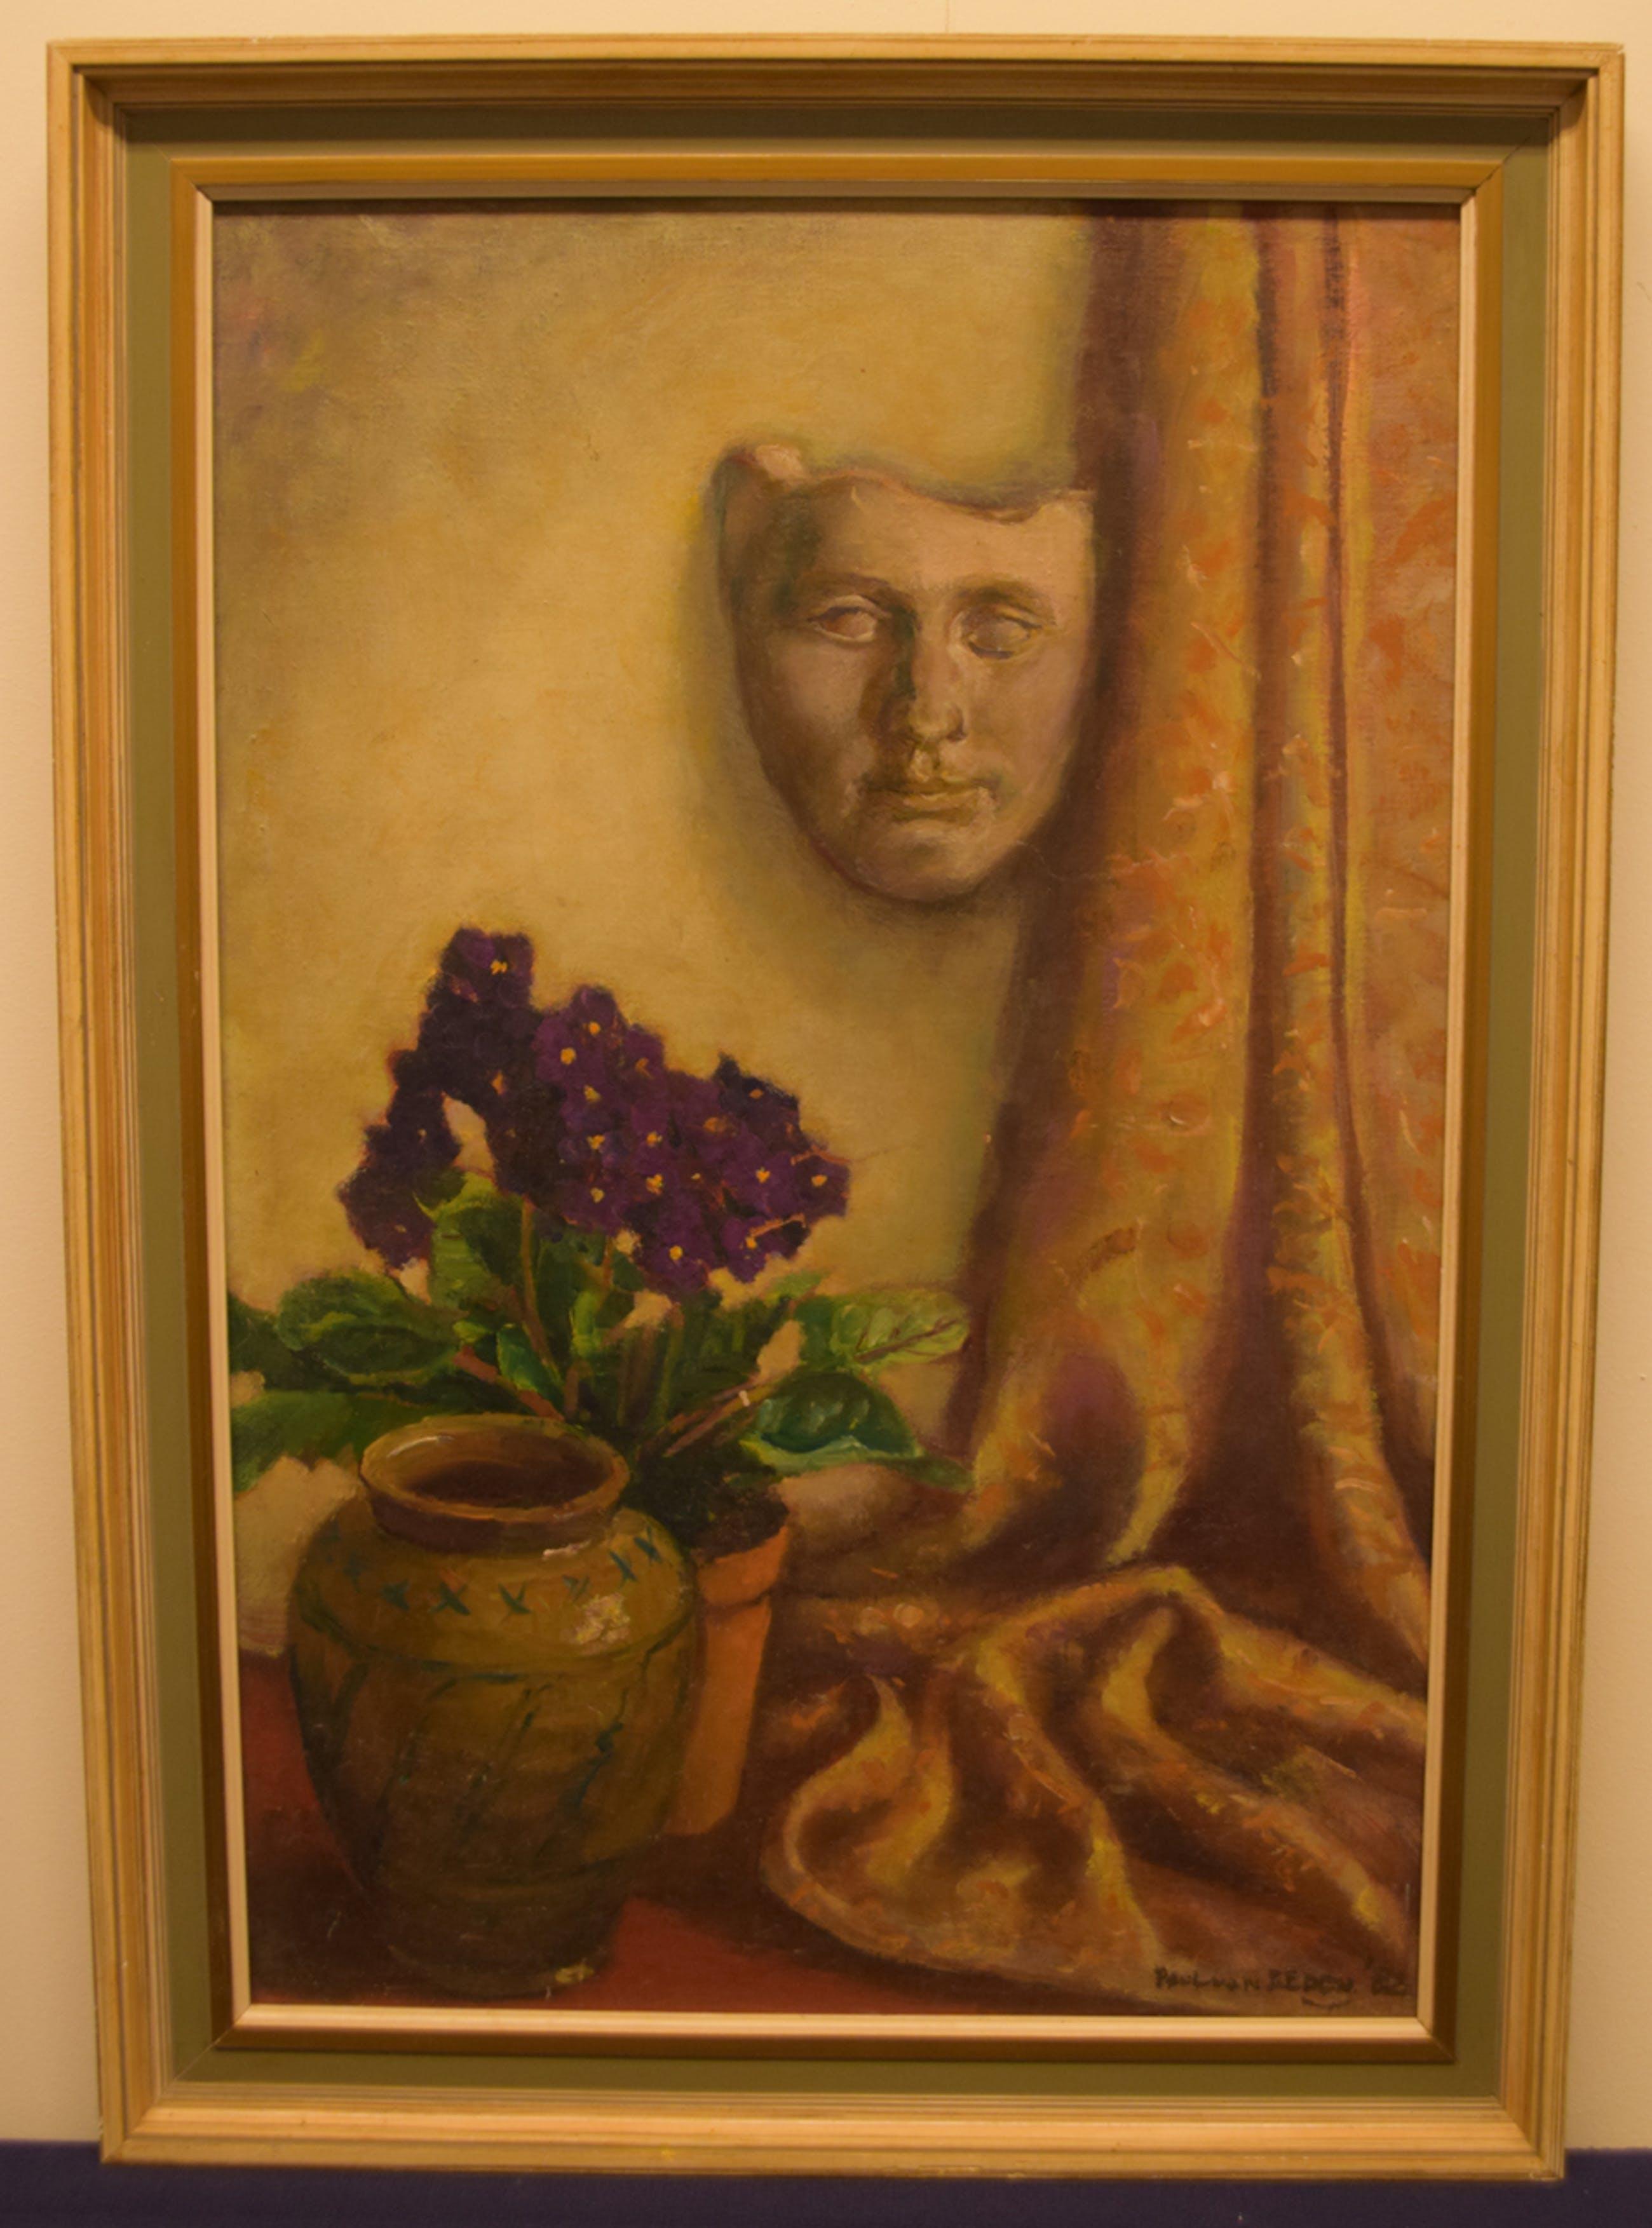 Paul van Eeden - Stilleven met gipsmasker, 1982 - olieverf op doek kopen? Bied vanaf 90!